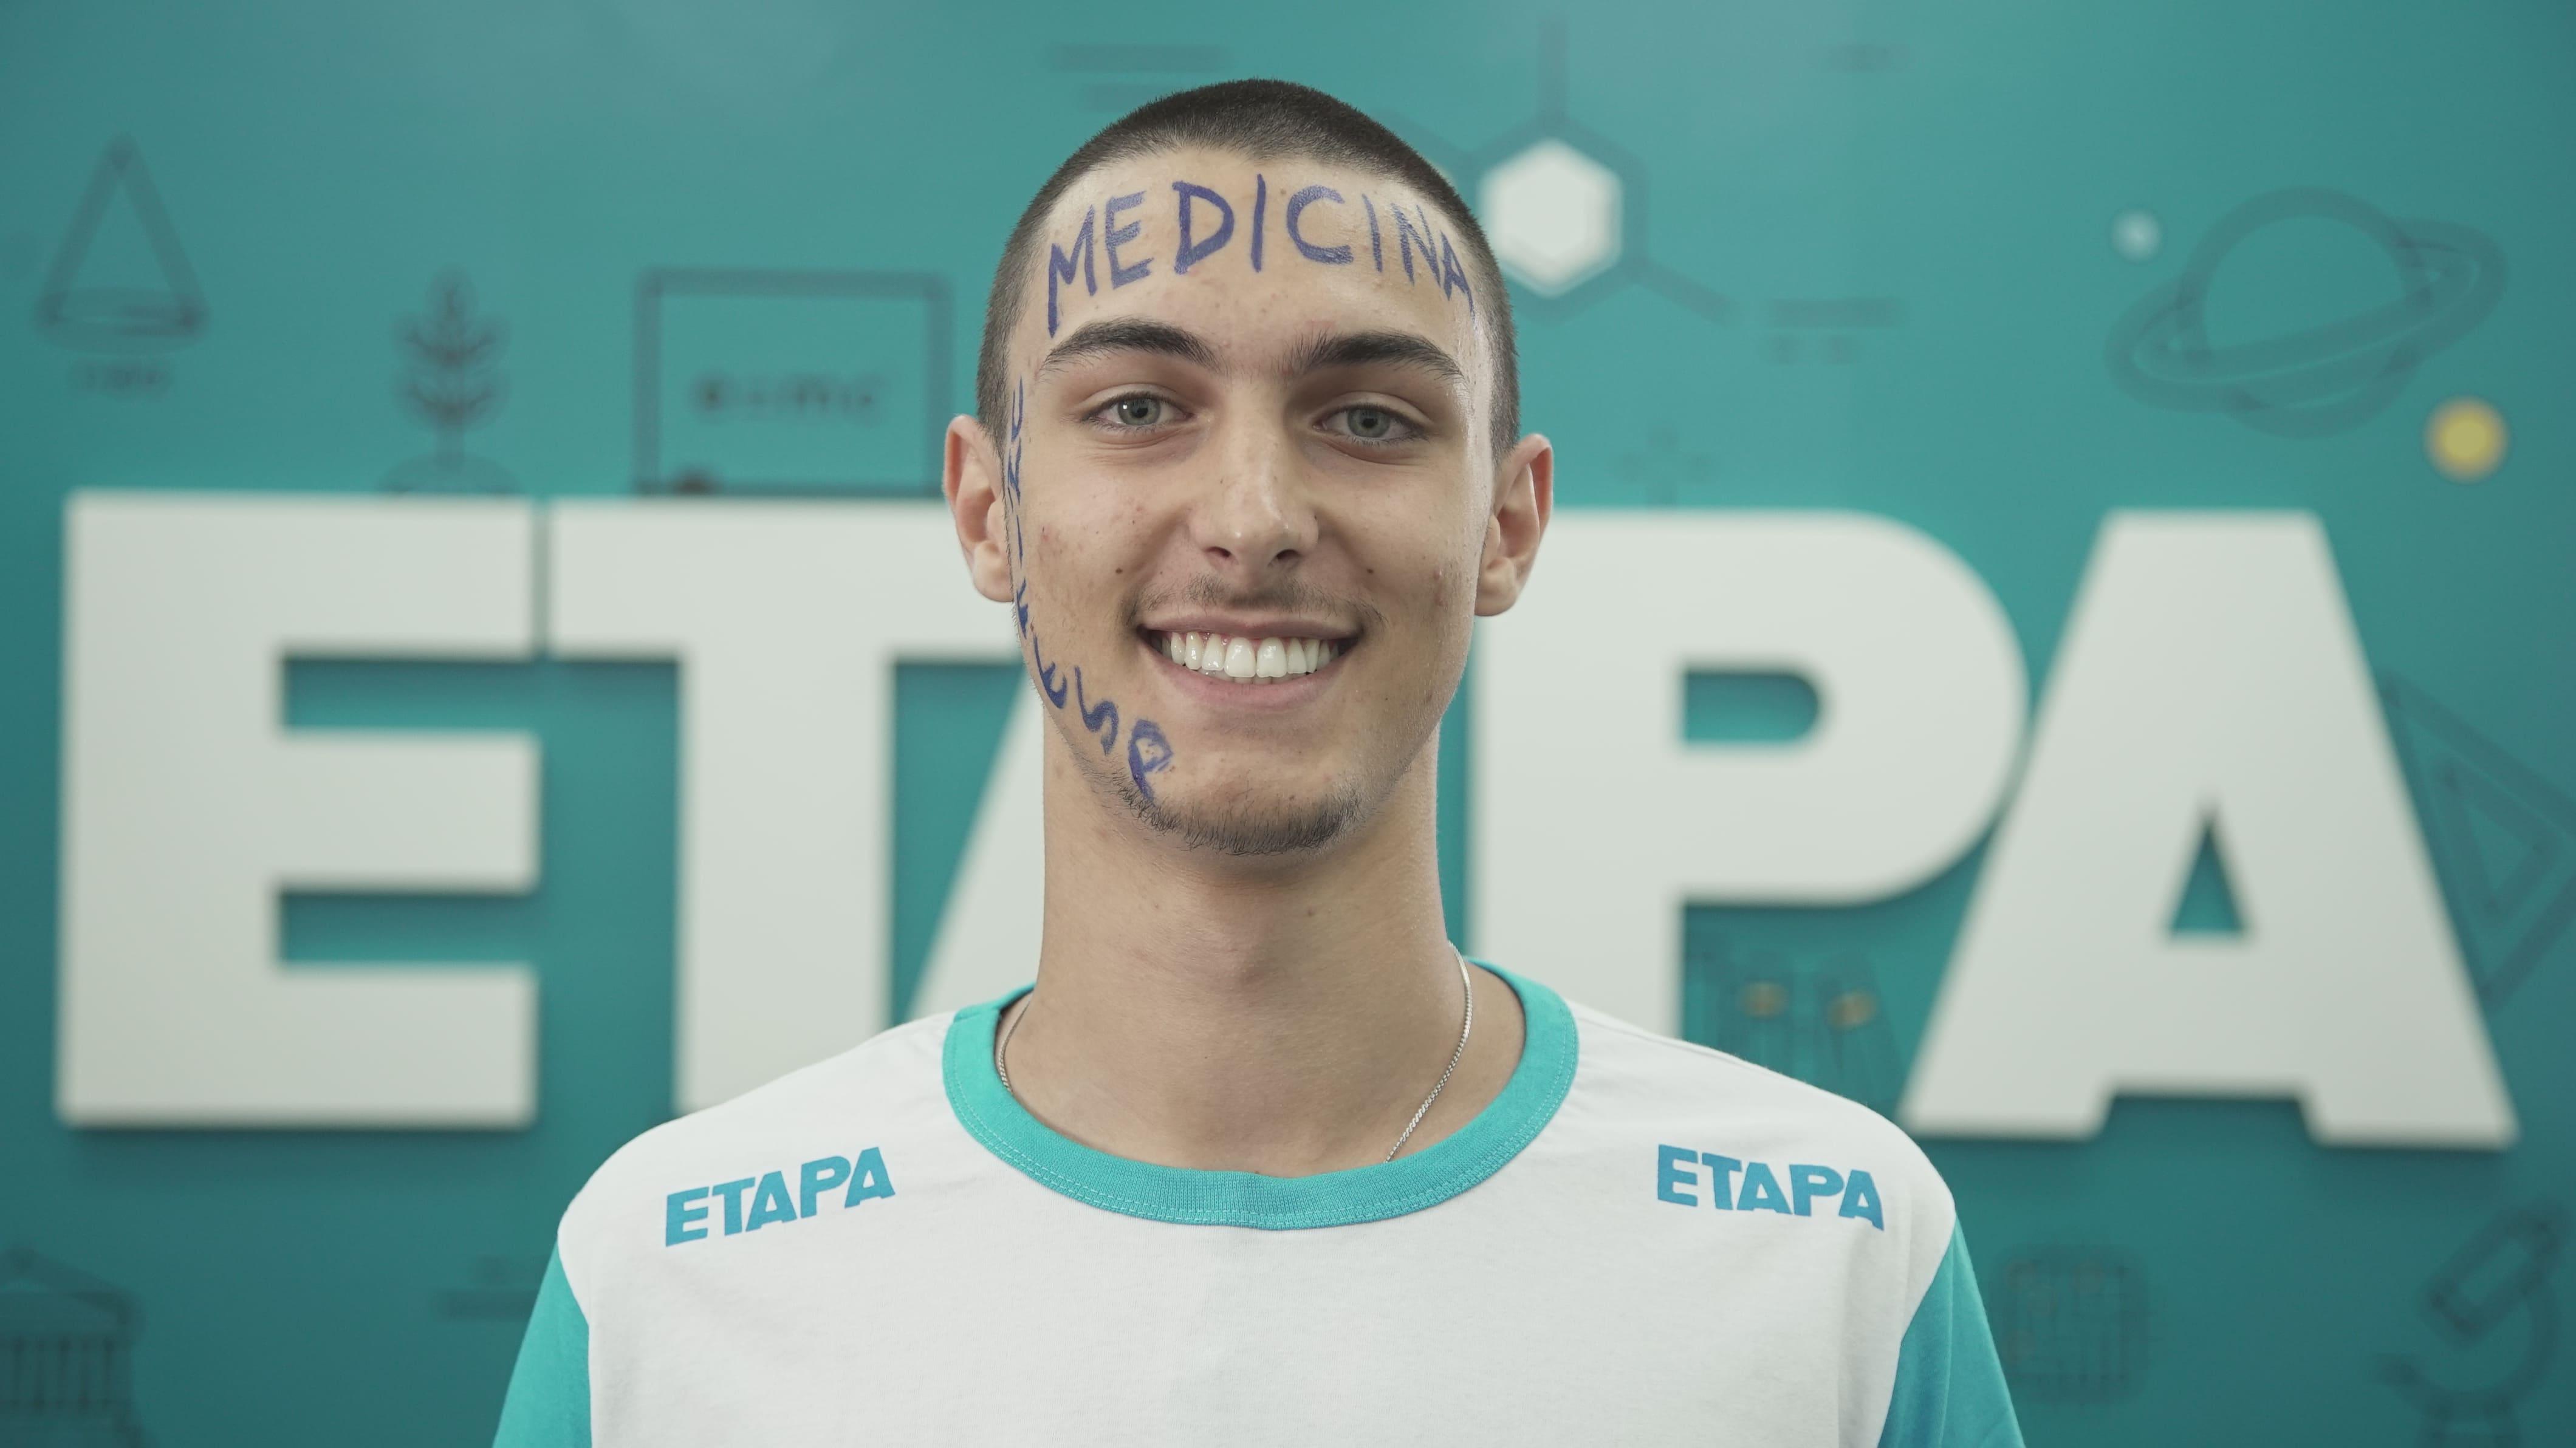 Alexandre Bortot afirma que o apoio dos pais e dos amigos, além do suporte do Etapa, foram fundamentais para as suas aprovações.